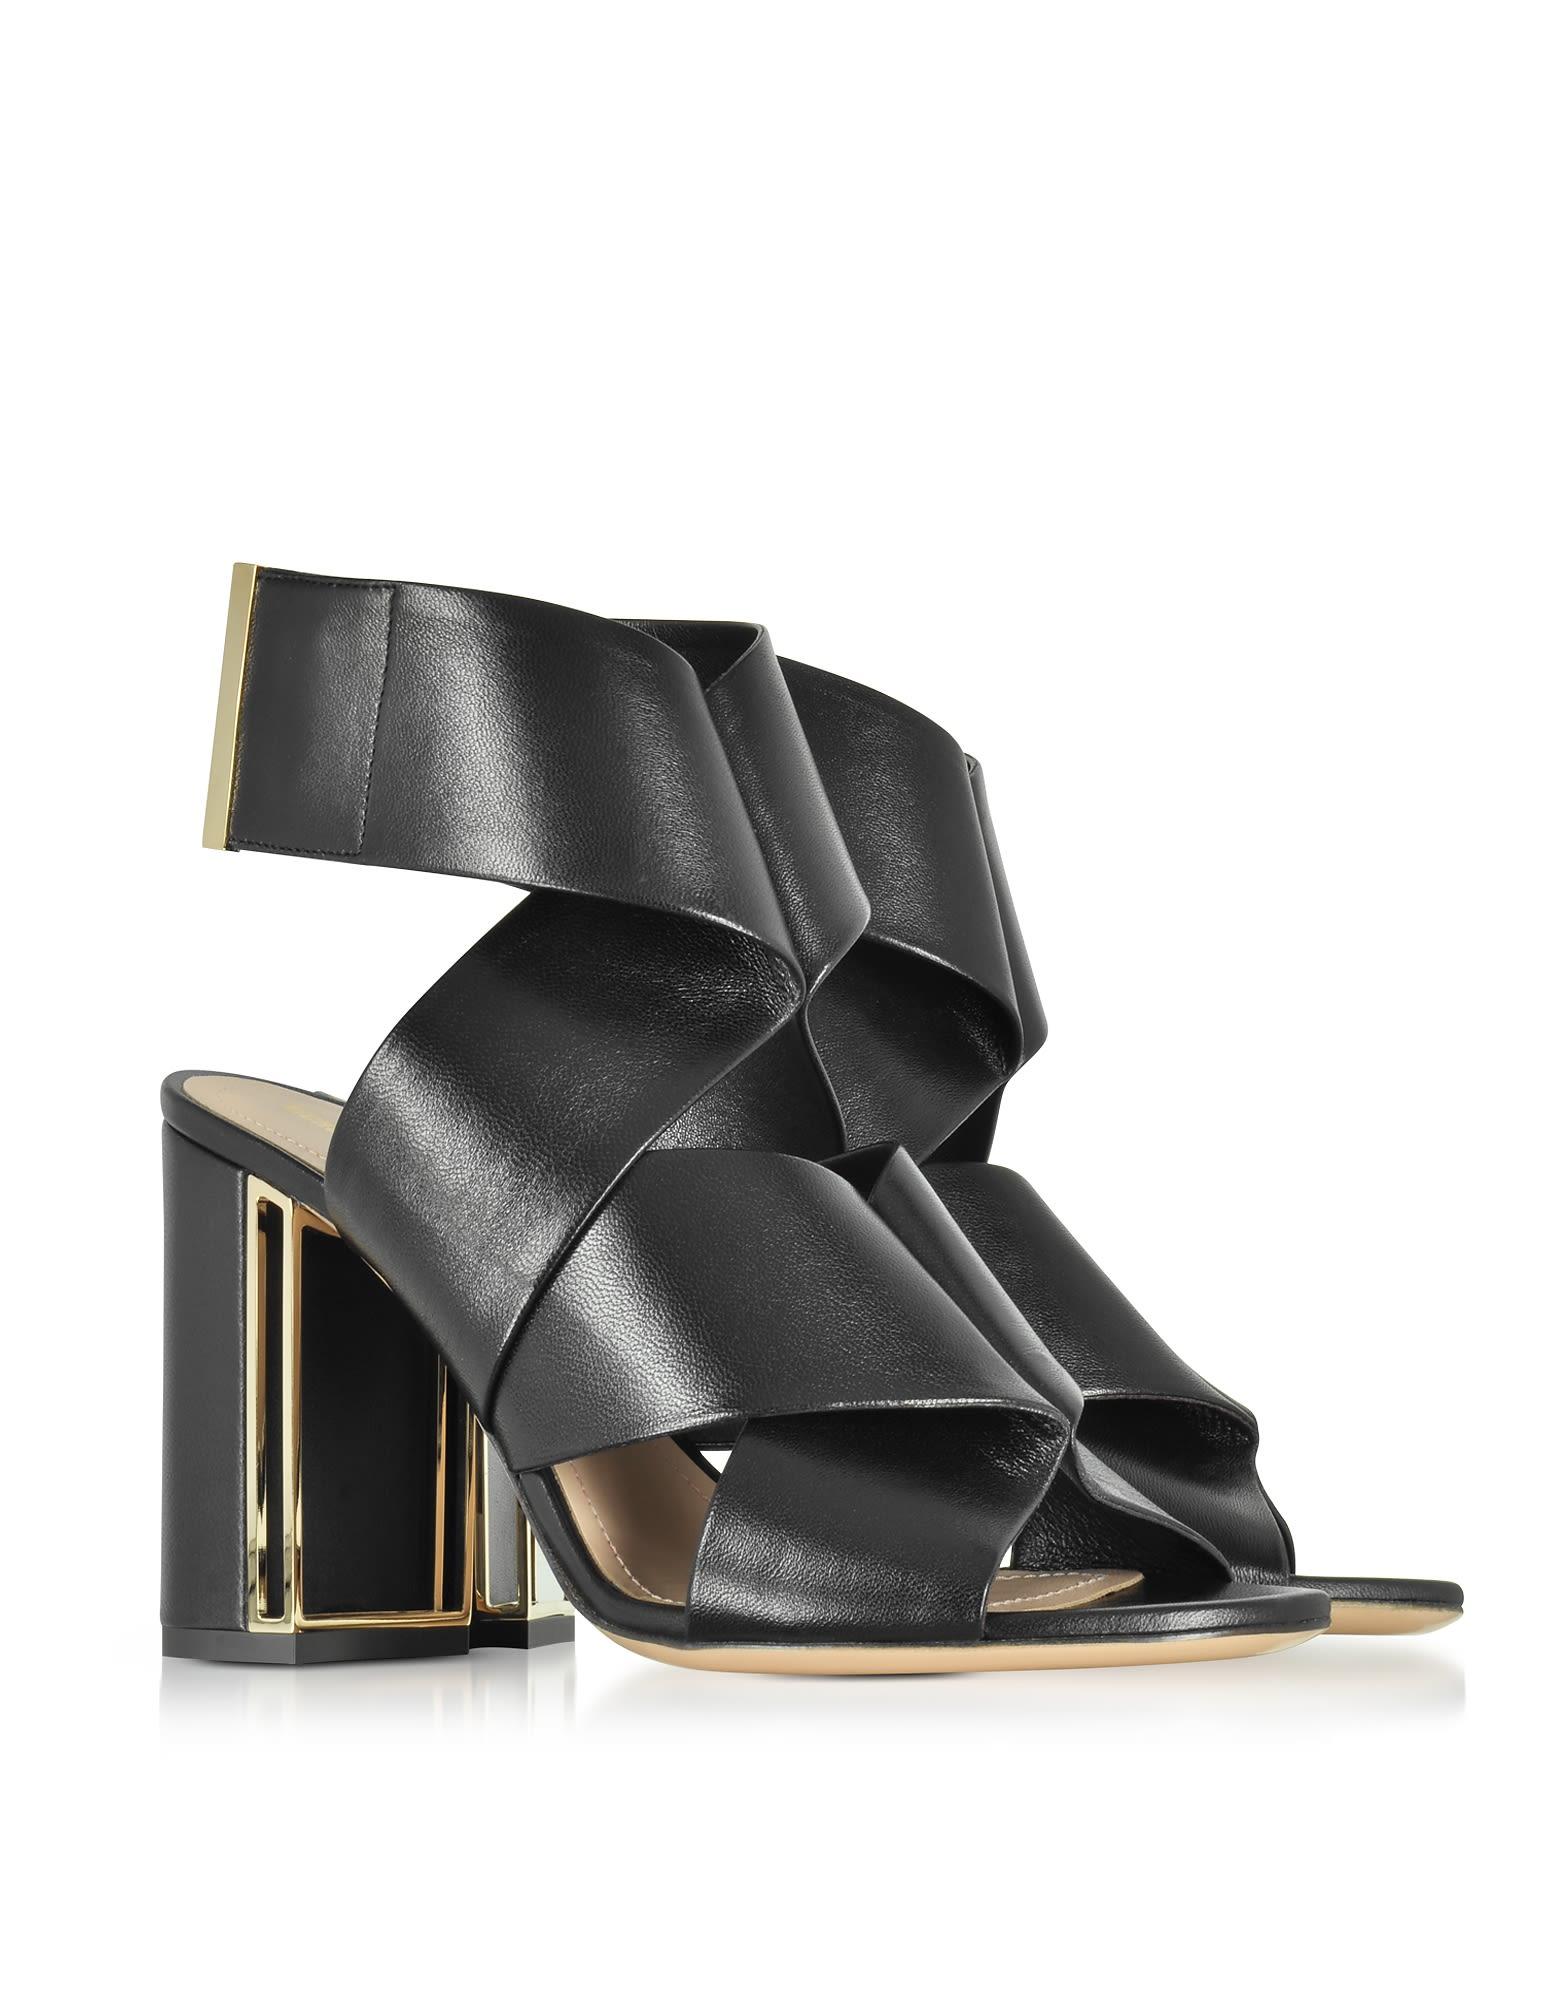 Nini sandals - Black Nicholas Kirkwood 8NWEsTsg